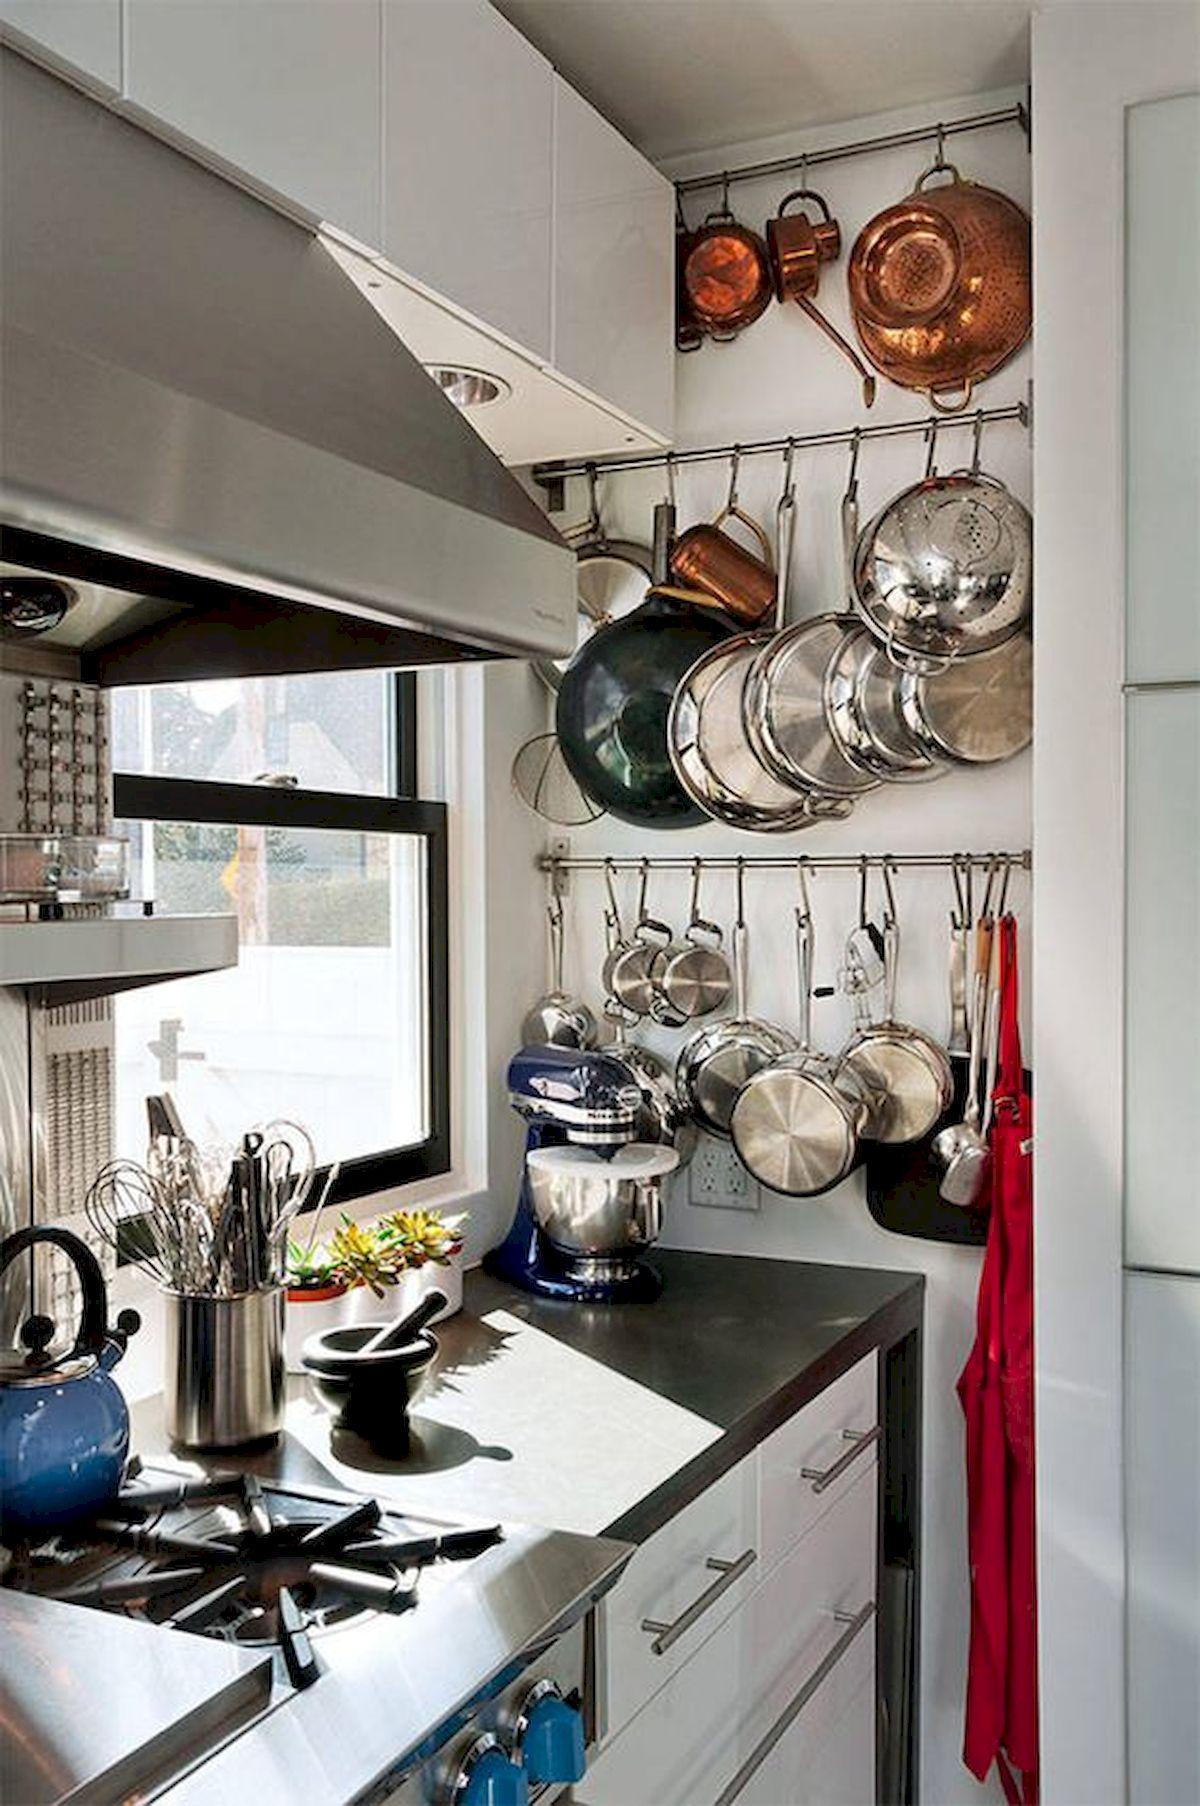 46 Creative DIY Small Kitchen Storage Ideas (39)